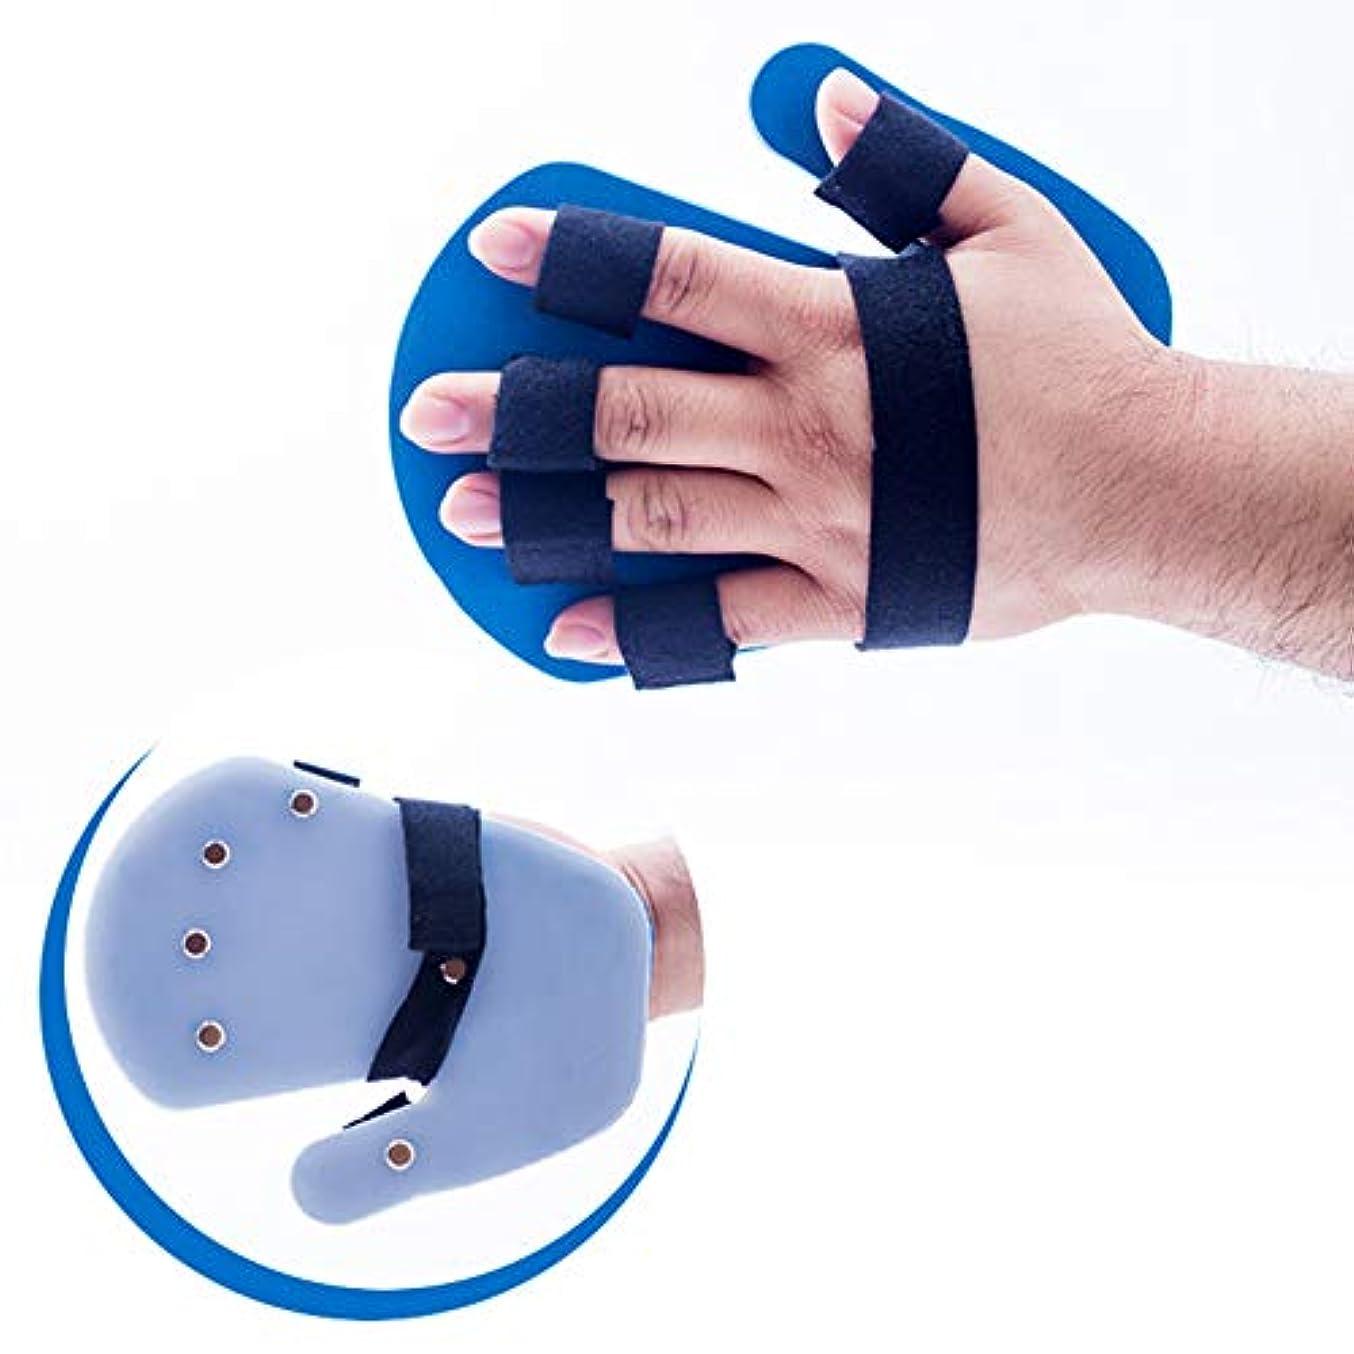 オートマトン肩をすくめる所持指のサポートスプリント親指手首の傷害回復スプリントフィンガーセパレーター手アライナー手根管関節の痛み軽減装具指サポートトレーニングブラケット,righthand